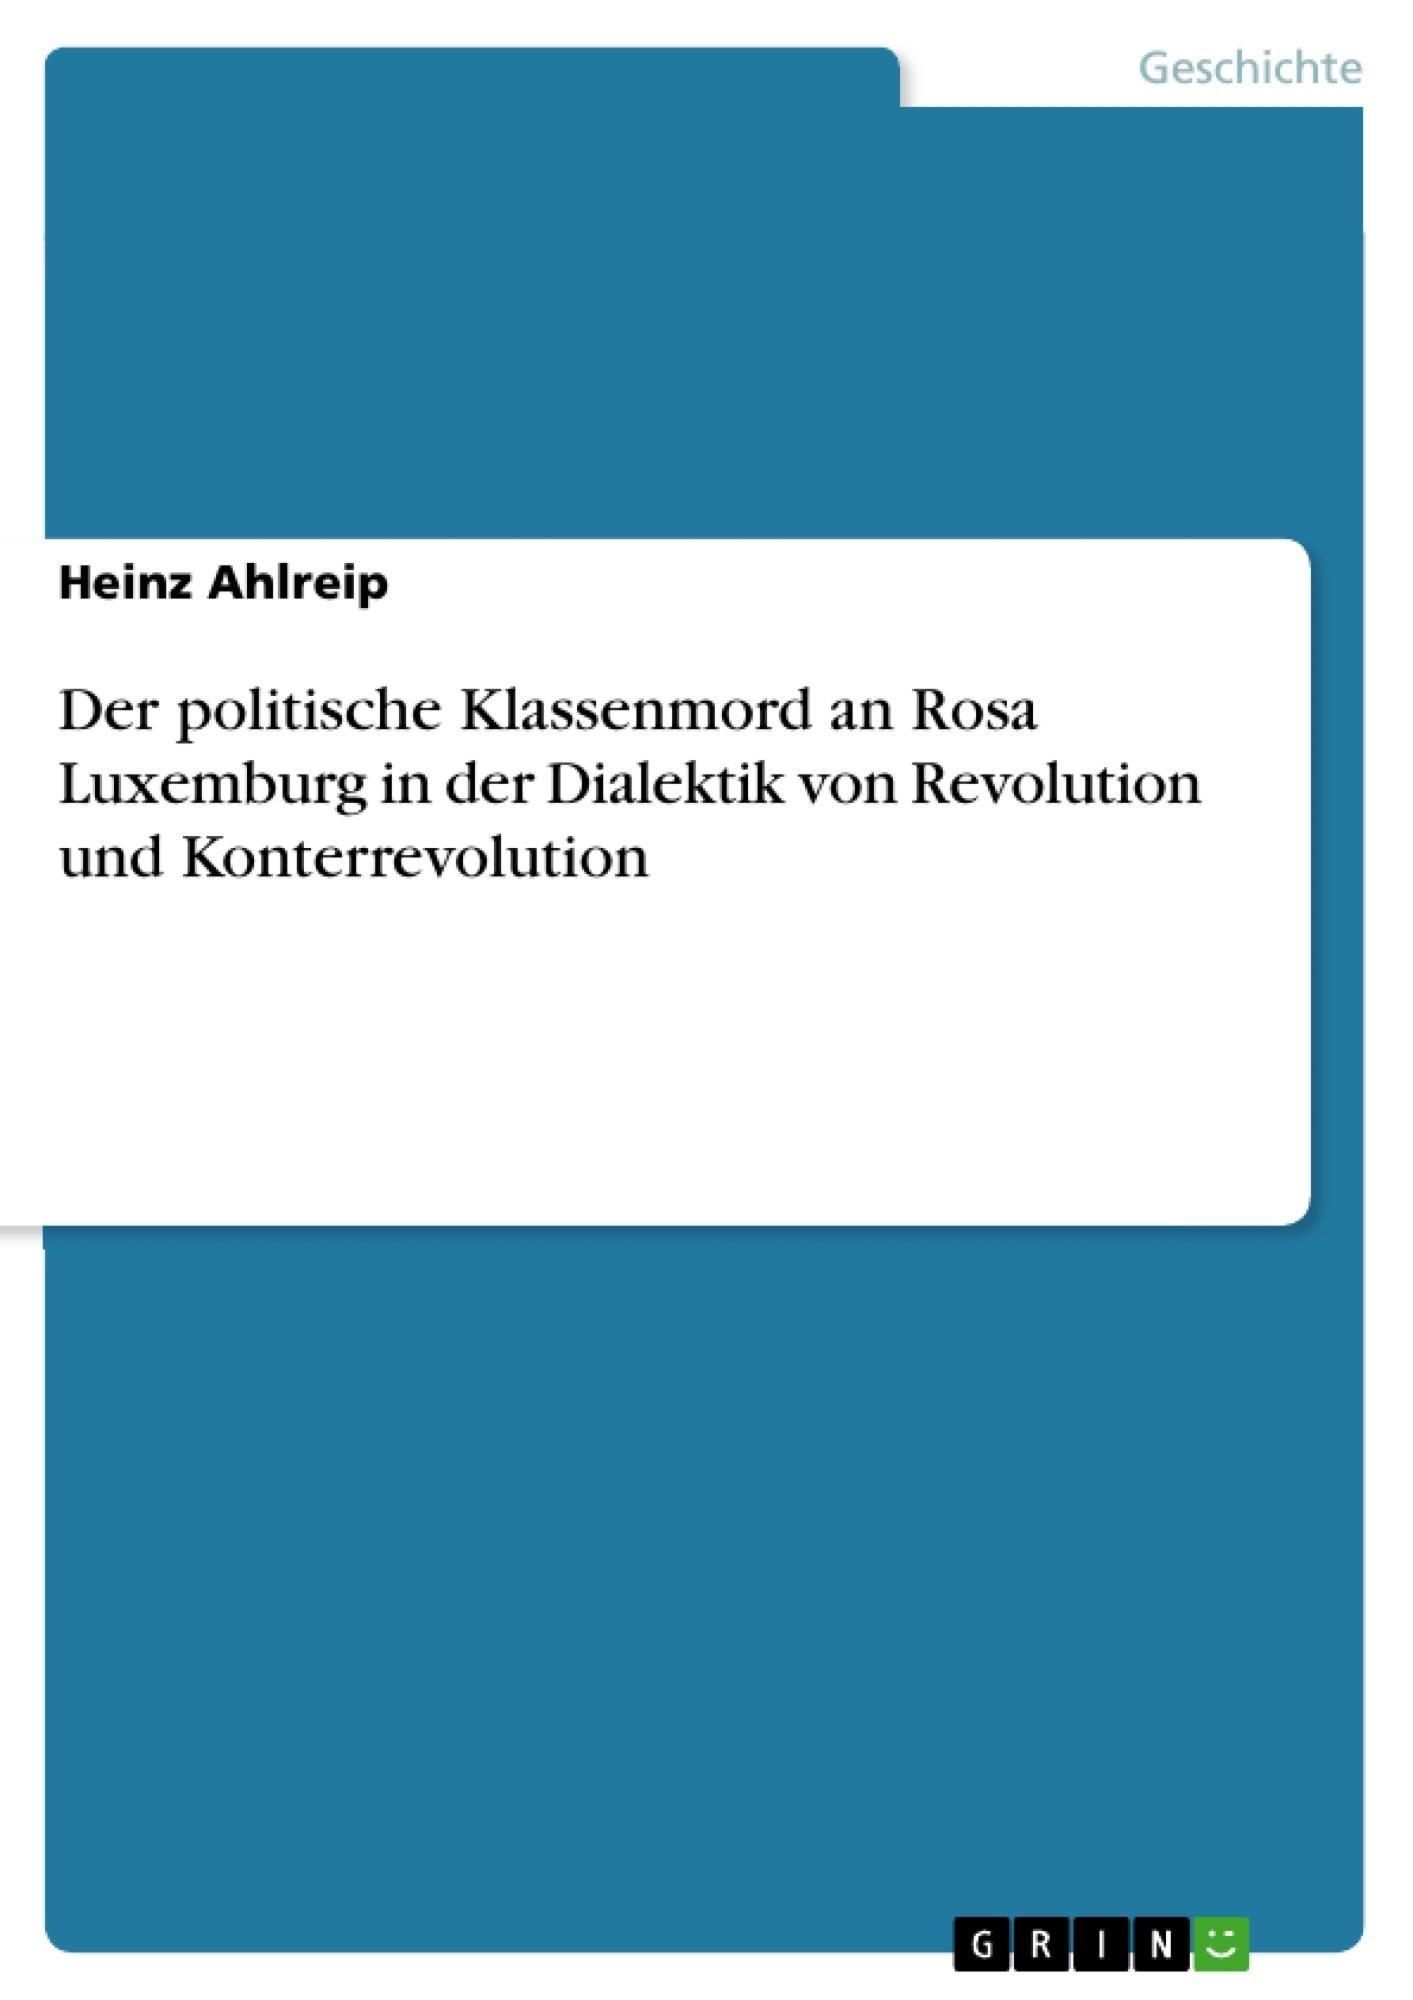 Titel: Der politische Klassenmord an Rosa Luxemburg in der Dialektik von Revolution und Konterrevolution